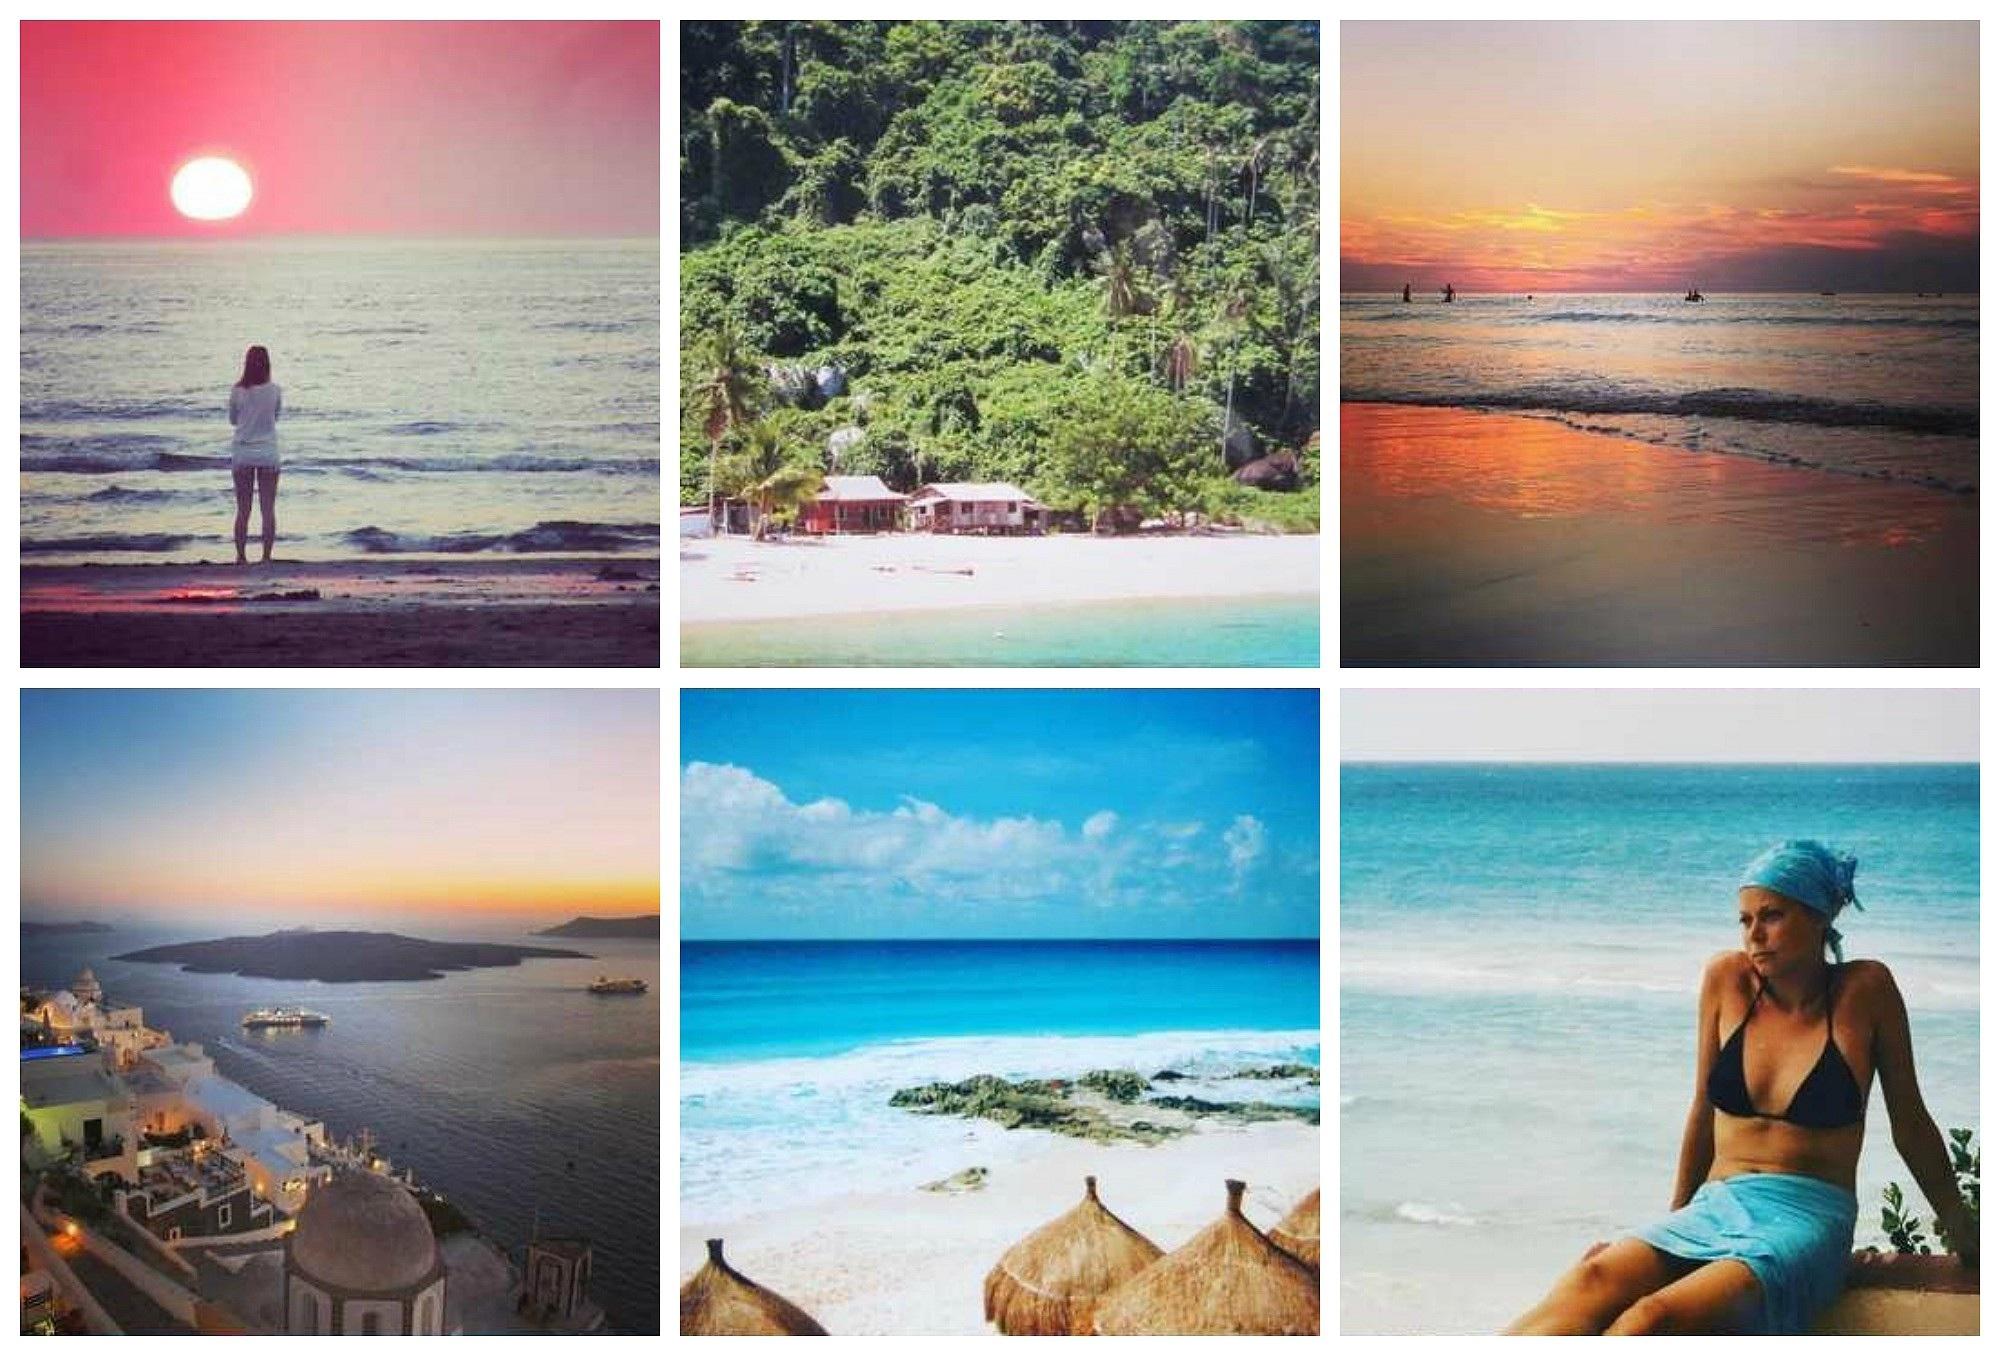 Blog Denise: De 9 mooiste foto's op instagram